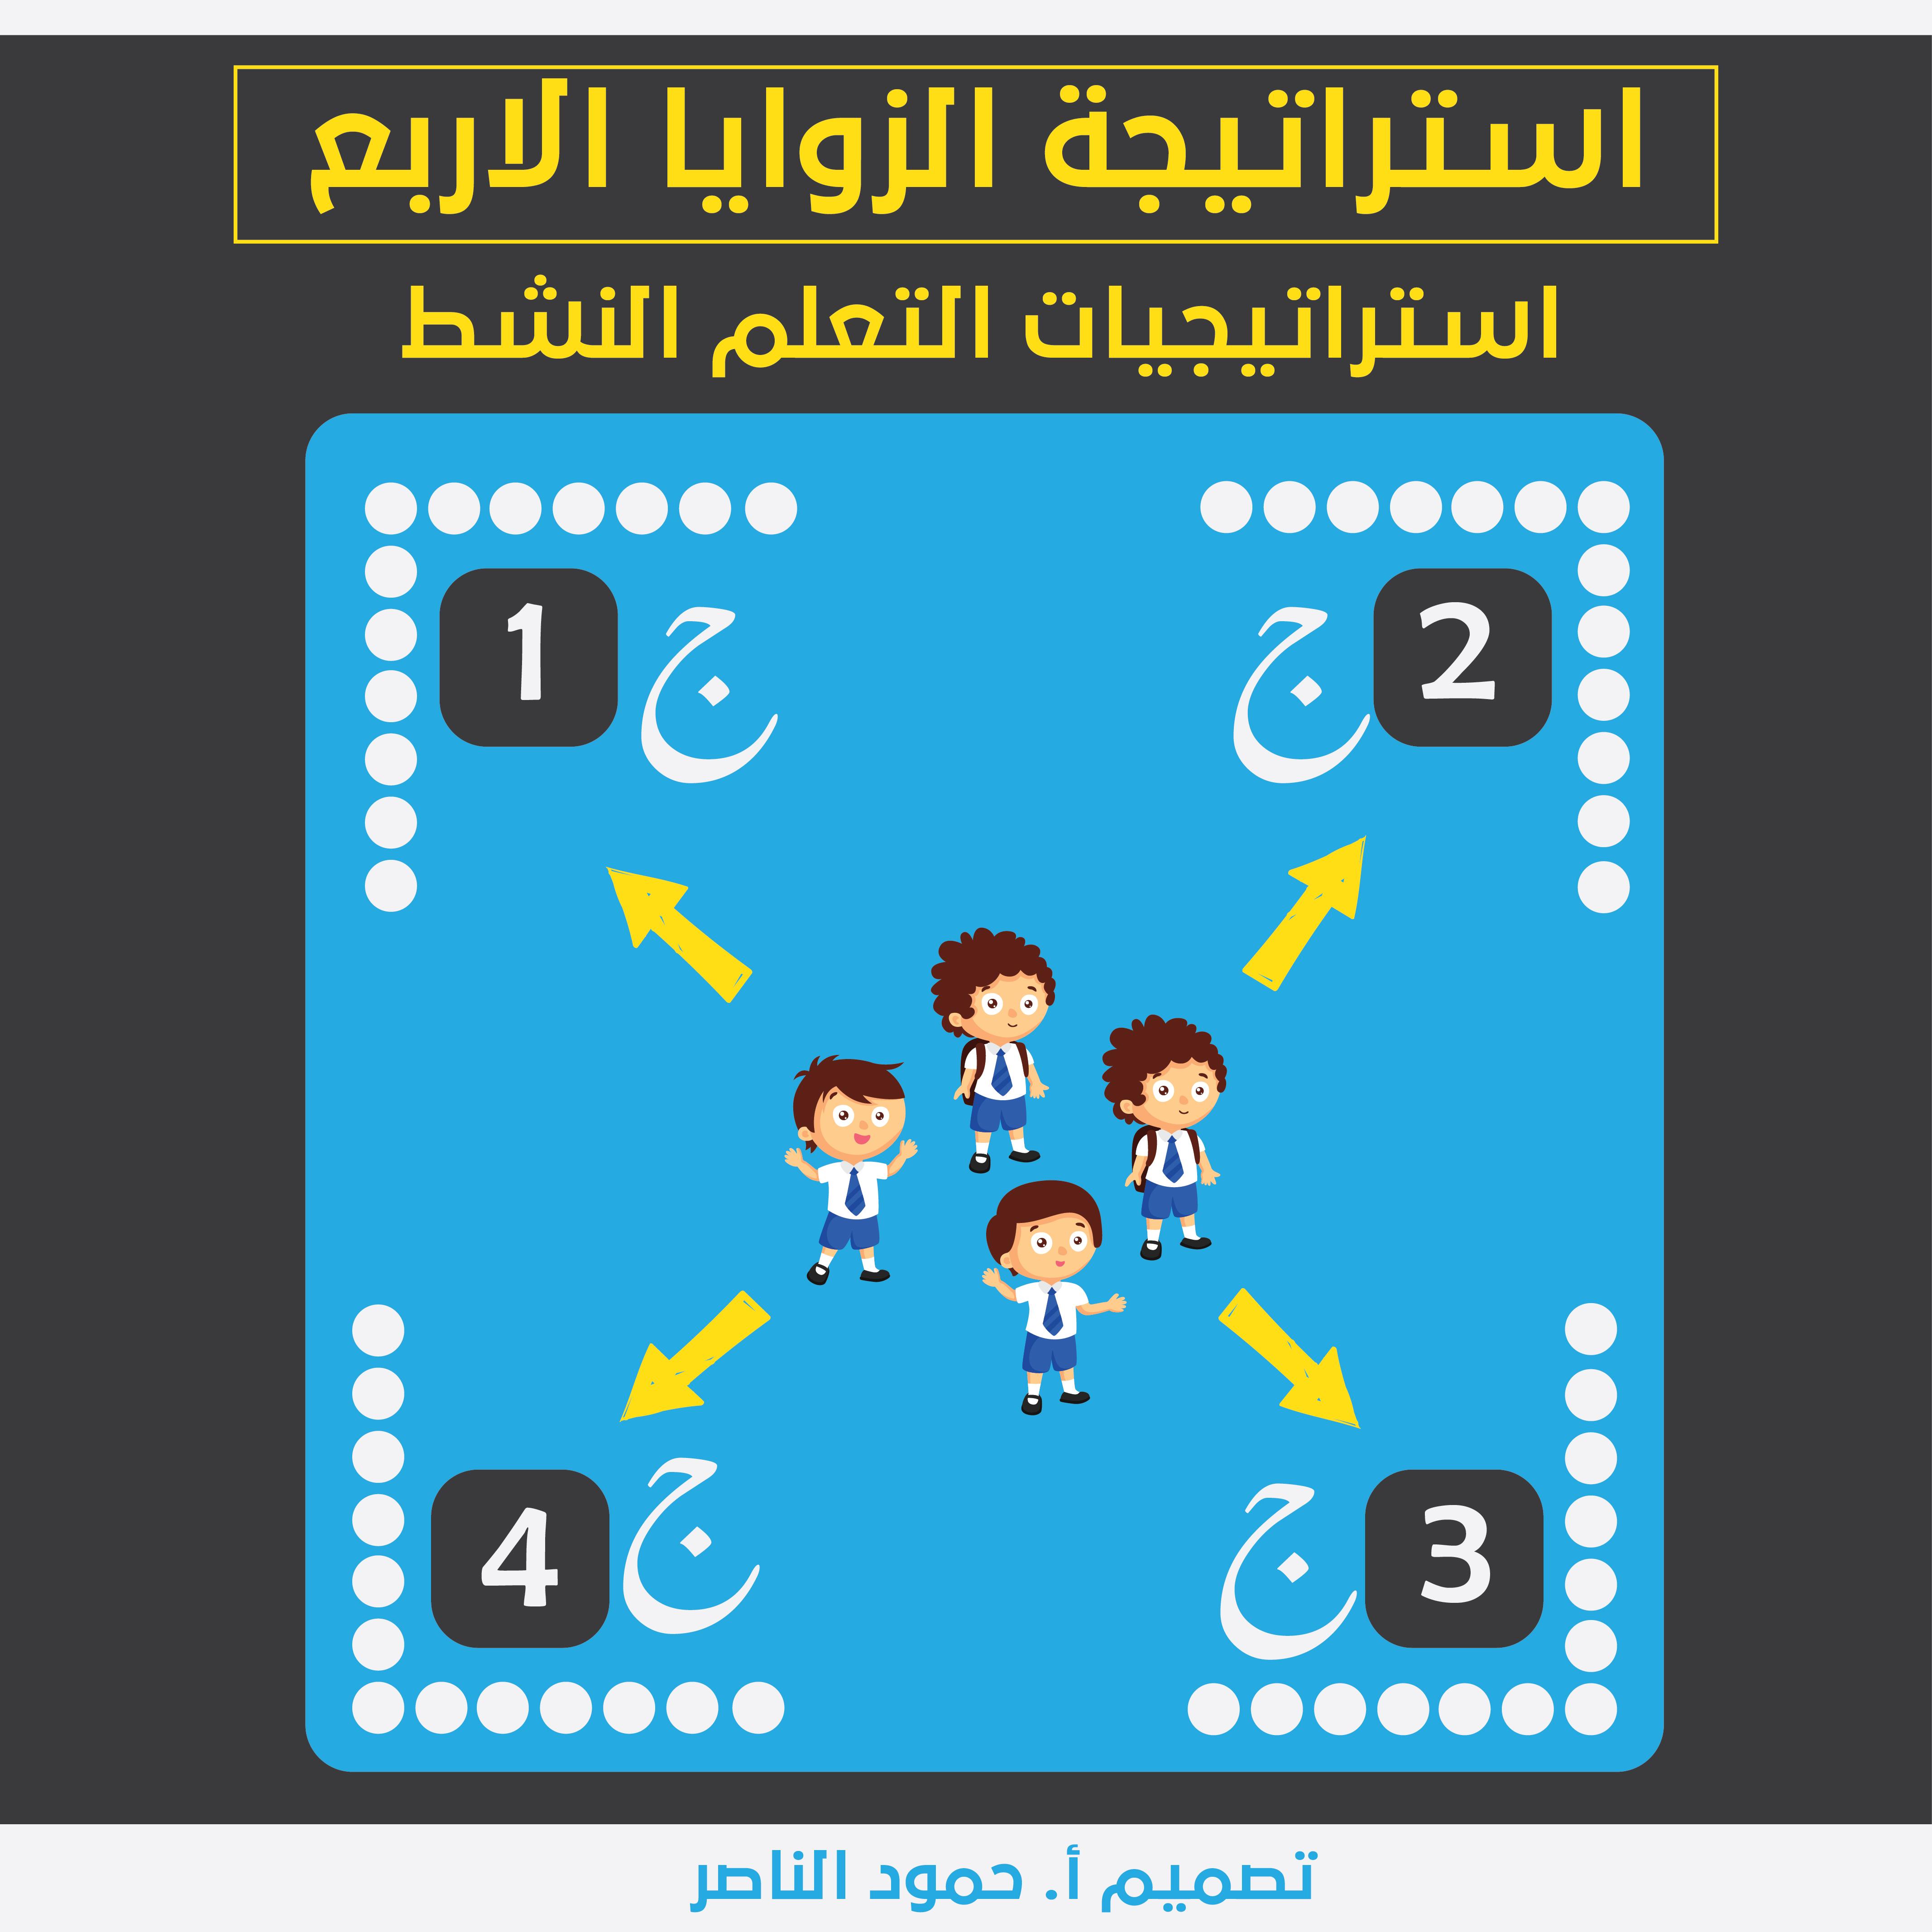 استراتيجية الزوايا الأربع